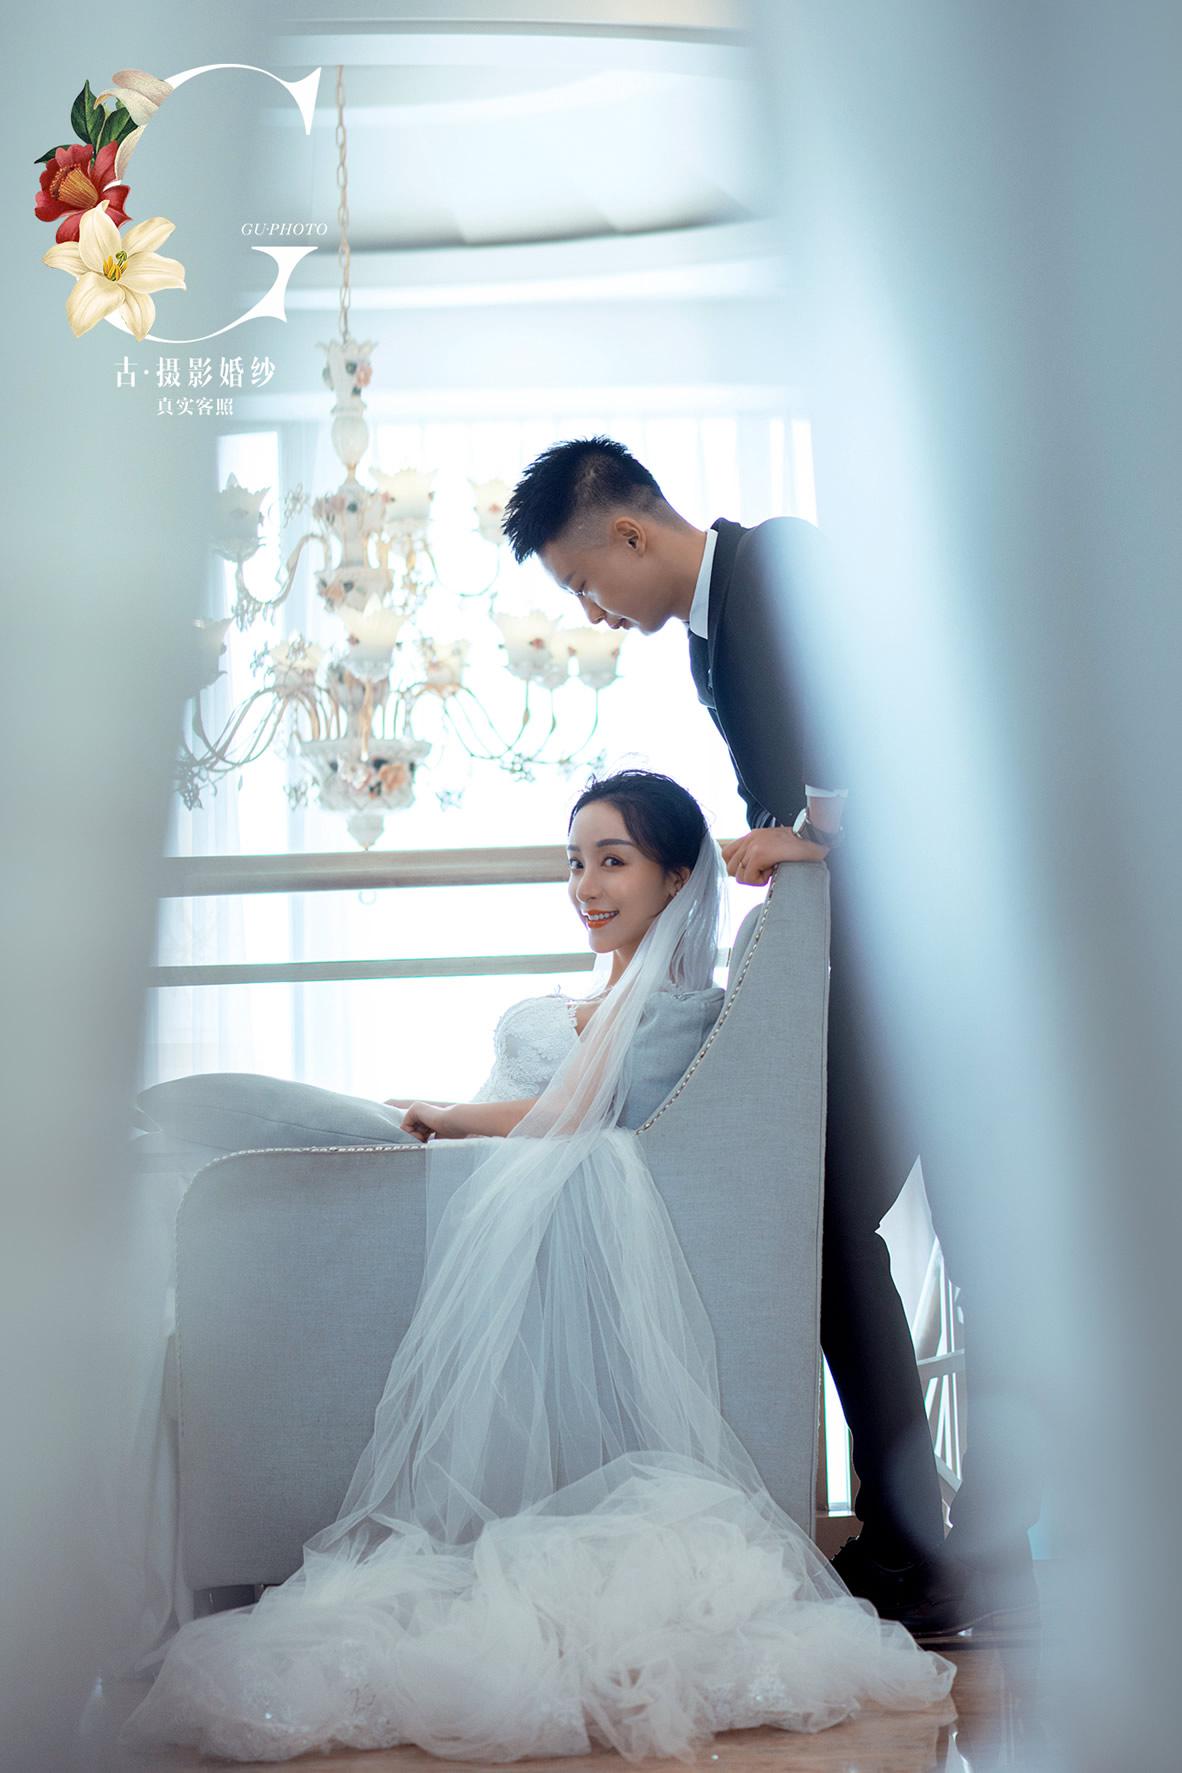 杜先生 陈小姐 - 每日客照 - 古摄影婚纱艺术-古摄影成都婚纱摄影艺术摄影网